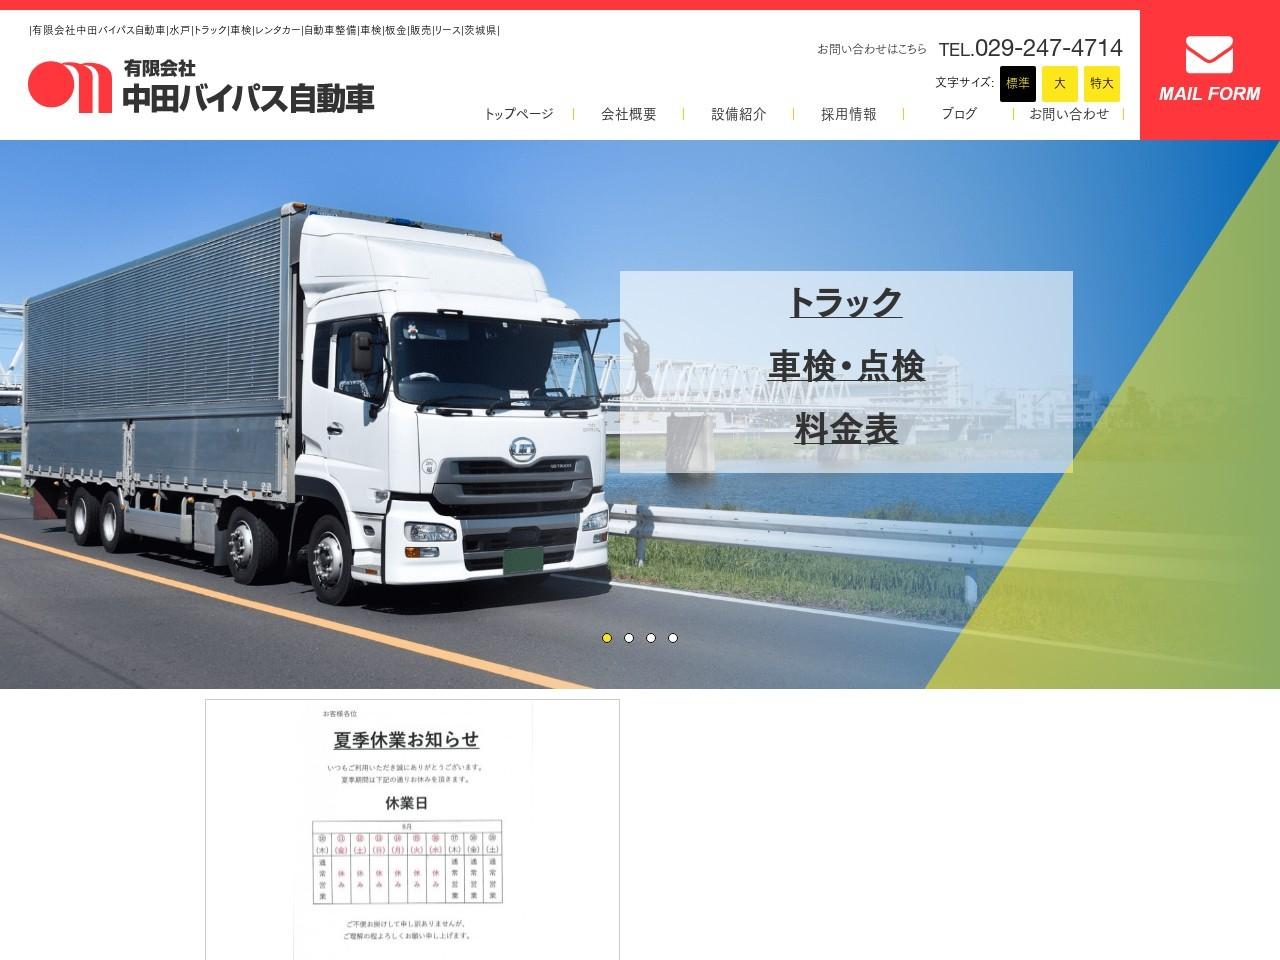 有限会社中田バイパス自動車